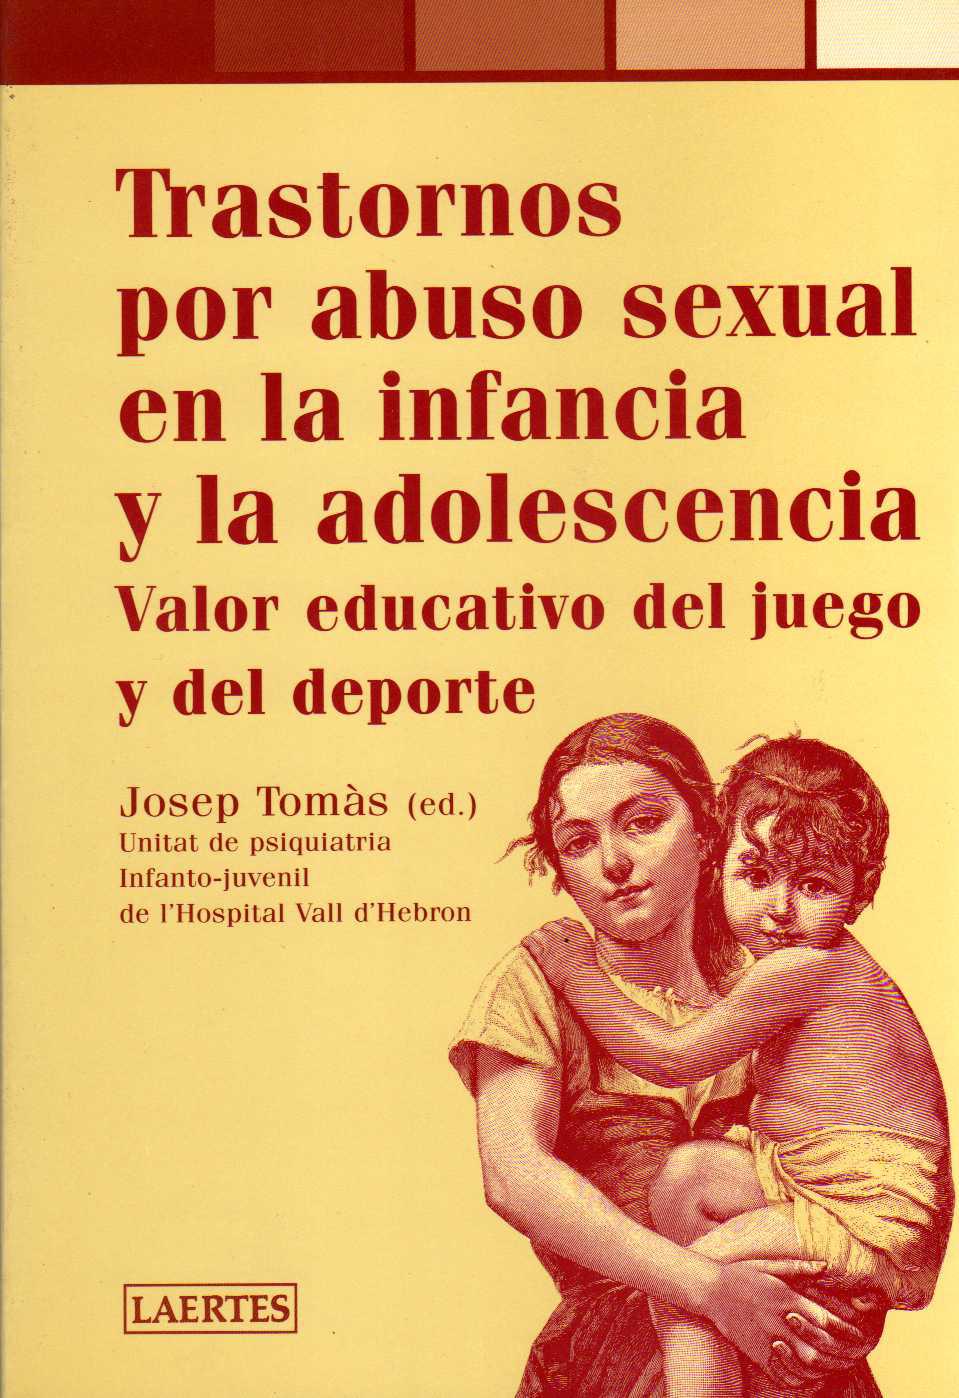 VALOR EDUCATIVO DEL JUEGO Y DEL DEPORTE. TRASTORNOS POR ABUSO SEXUAL EN LA INFANCIA Y LA ADOLESCENCIA